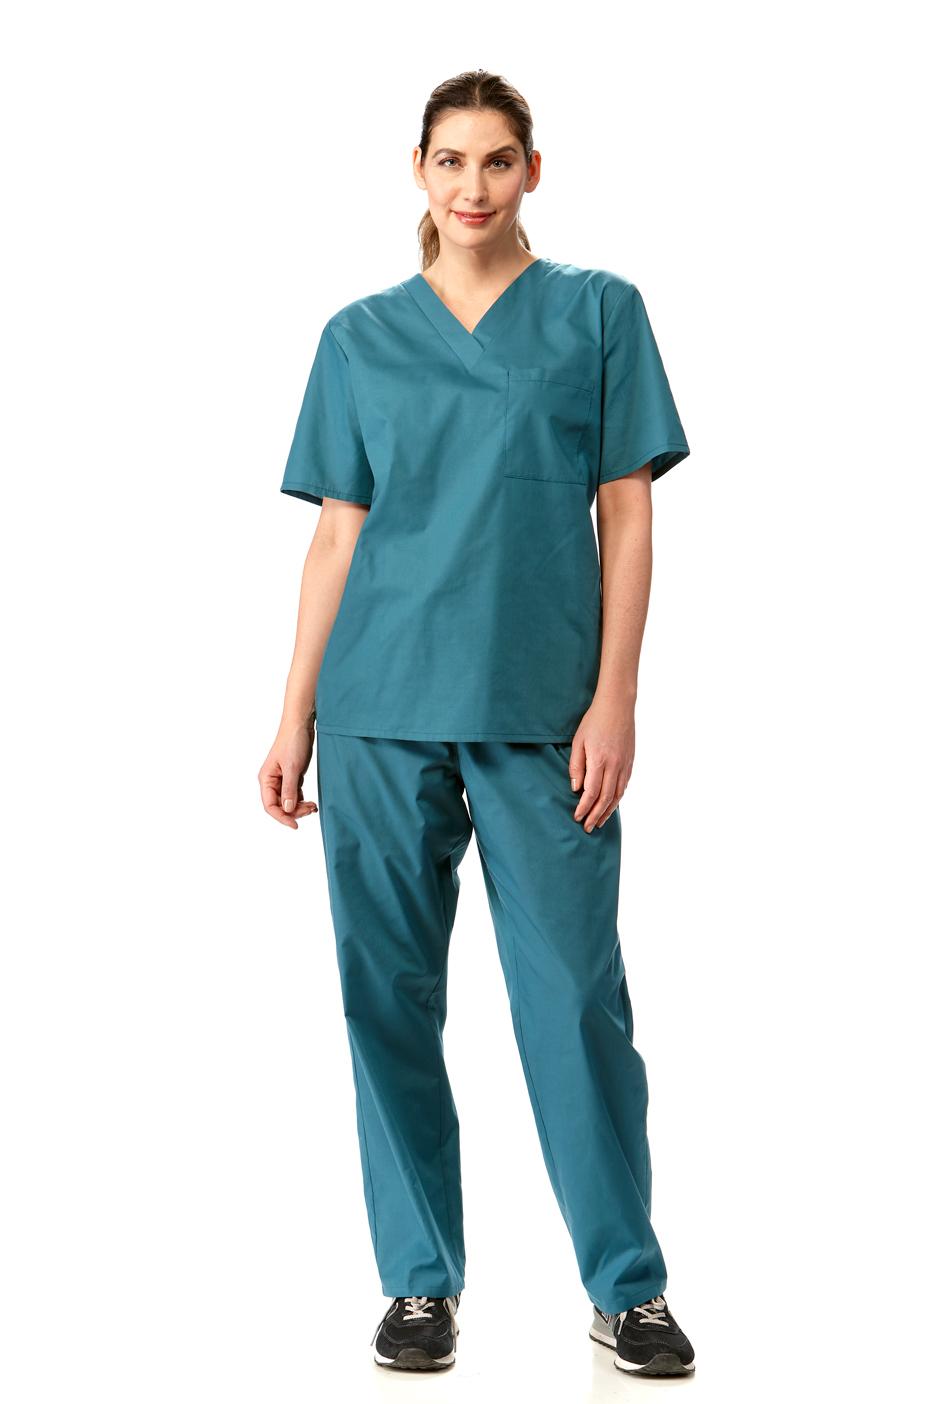 Womens Medical Scrub